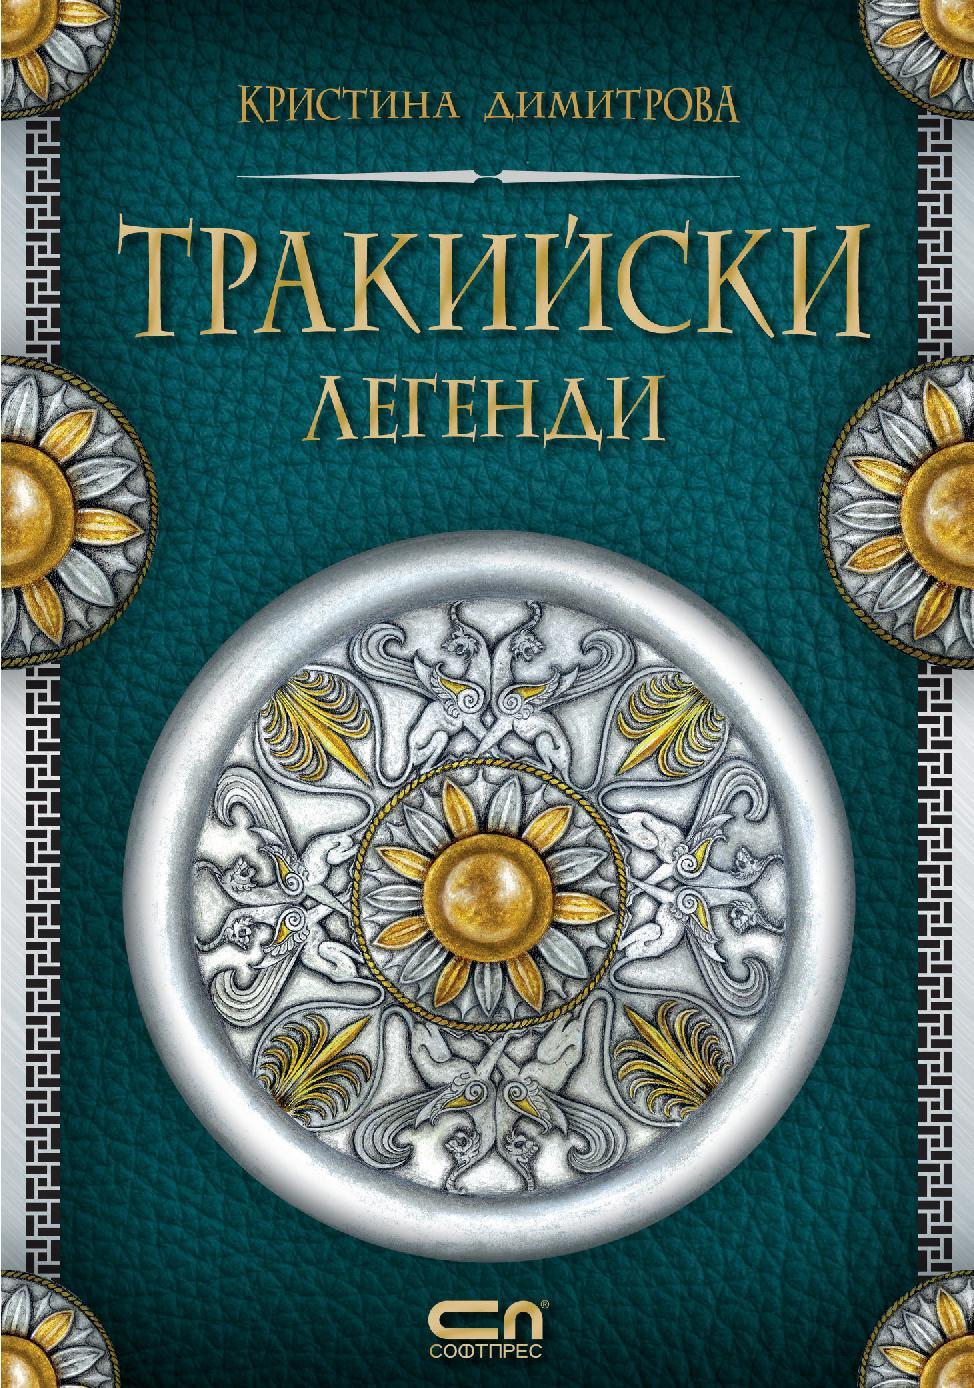 """""""Тракийски легенди"""" на Кристина Димитрова - един по-различен урок по история (откъс)"""